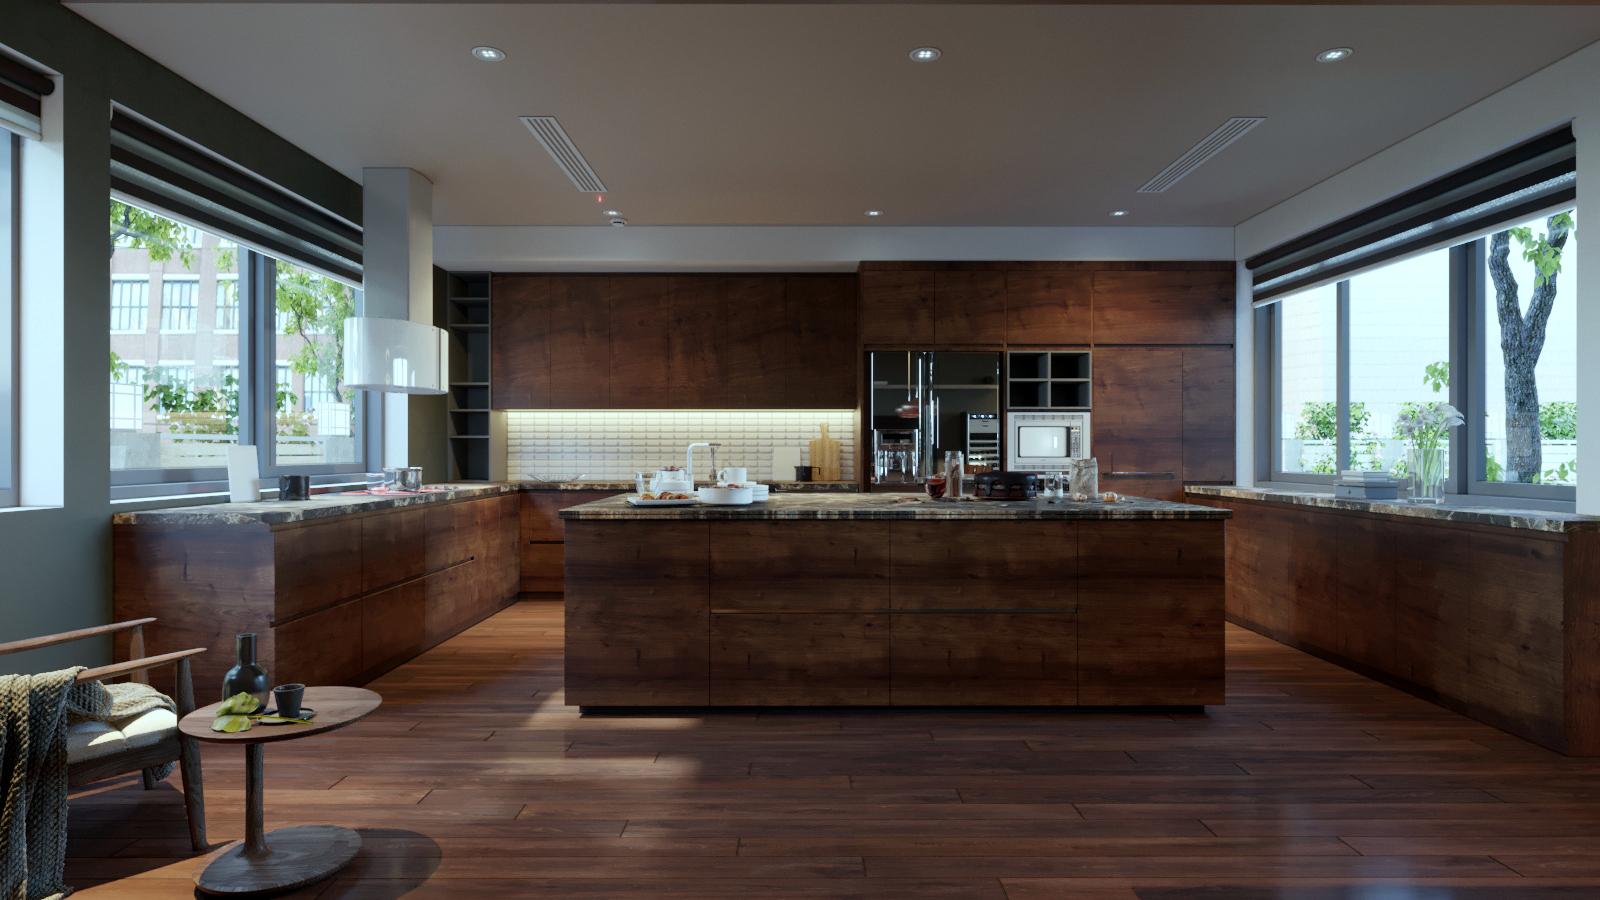 thiết kế Nội thất Biệt Thự 3 tầng biệt thự bt25 splendora mới (lakeside splendora)78